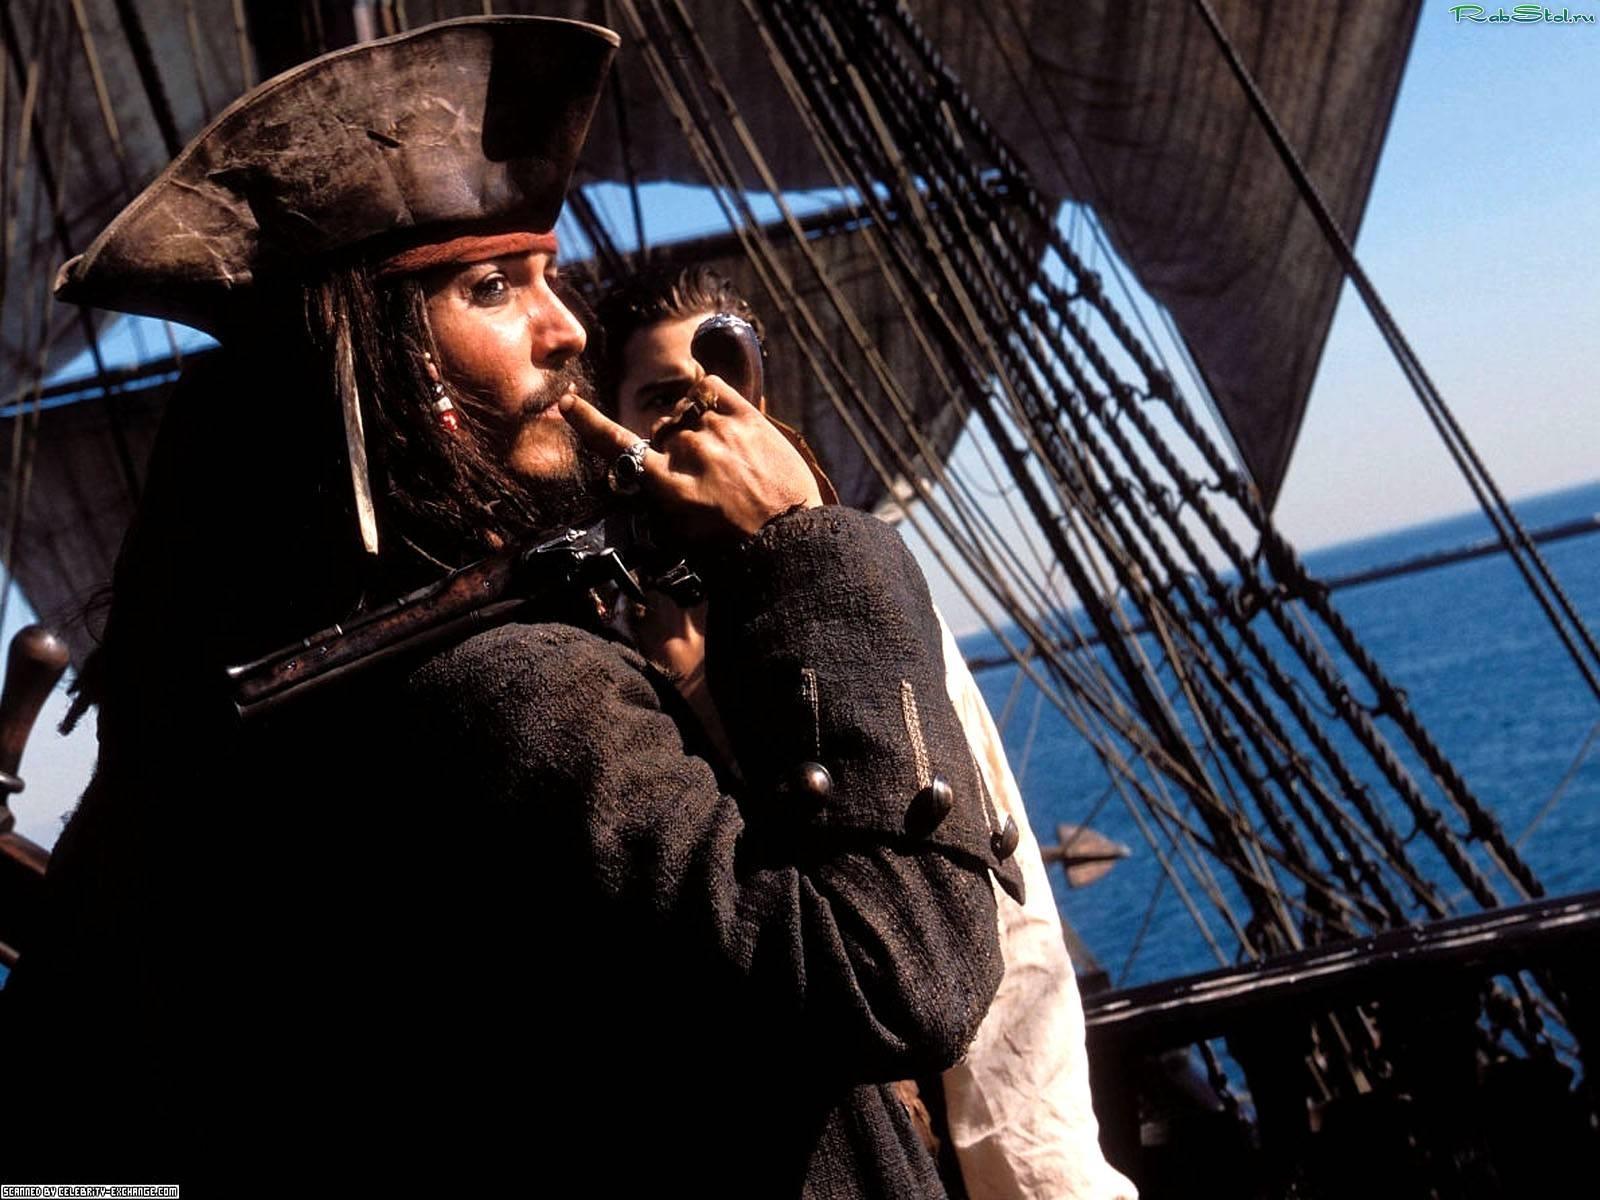 13312 скачать обои Кино, Люди, Актеры, Мужчины, Пираты Карибского Моря (Pirates Of The Caribbean), Джонни Депп (Johnny Depp) - заставки и картинки бесплатно